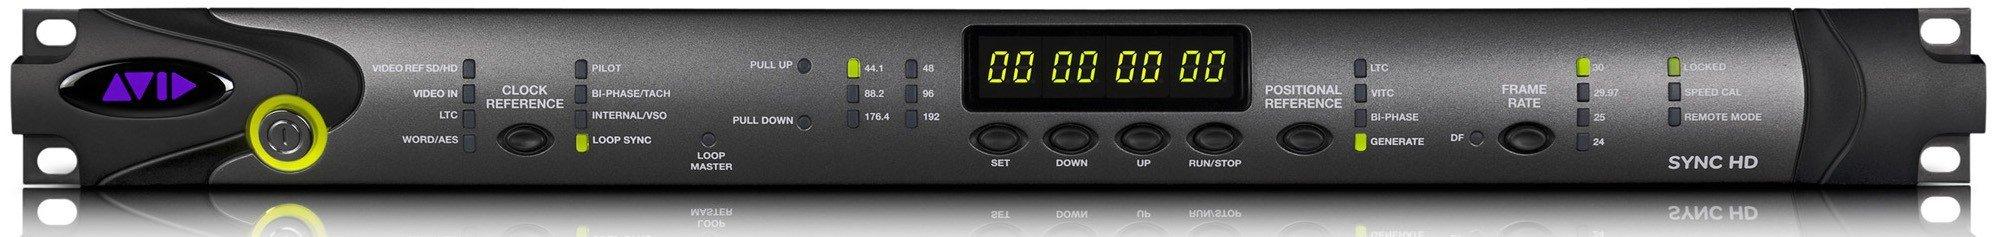 Avid Pro Tools Sync HD (99003892440) by Avid